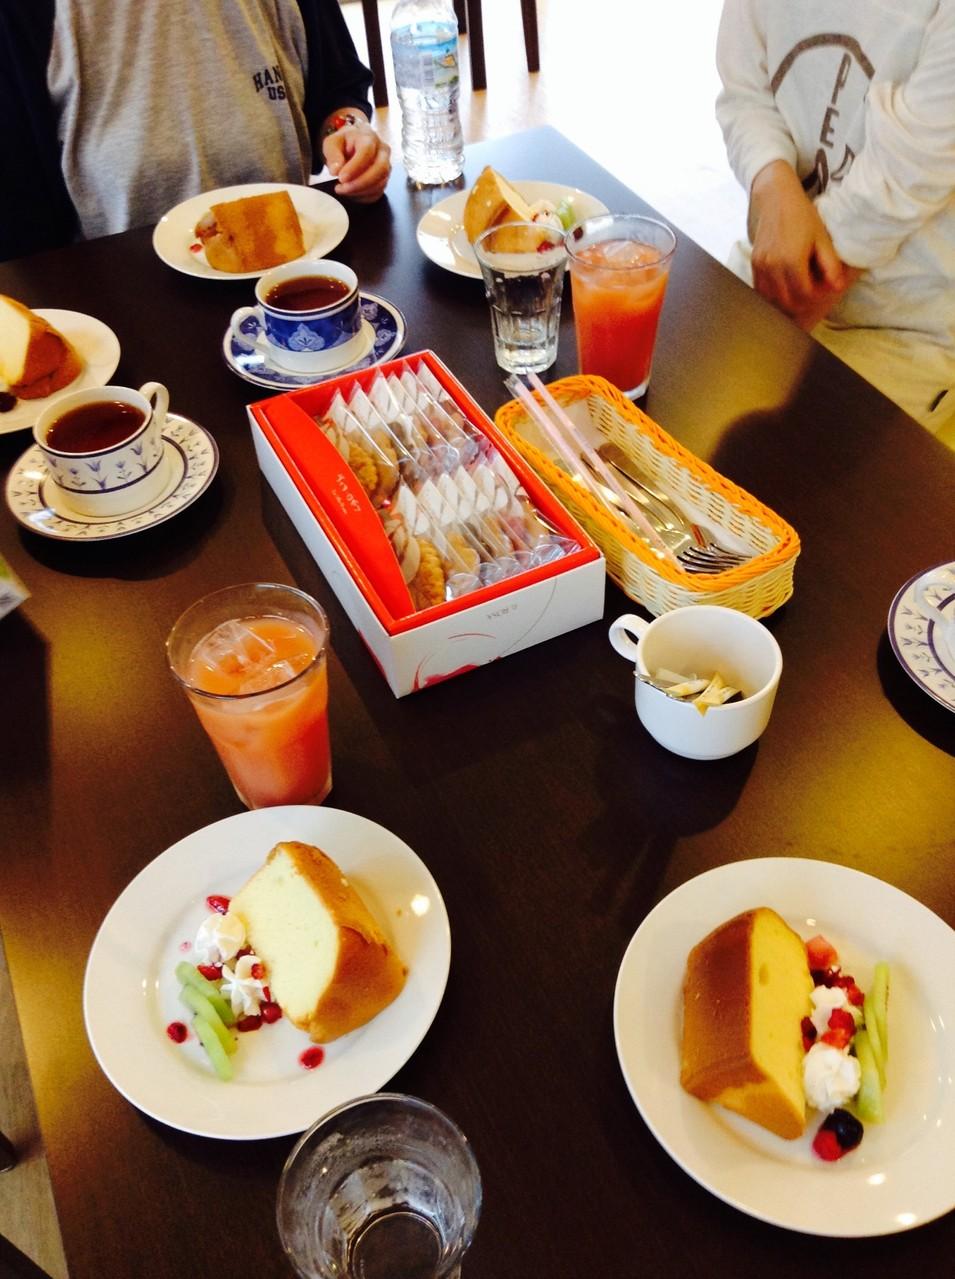 オレンジシフォンケーキとドリンクでお祝いしました。